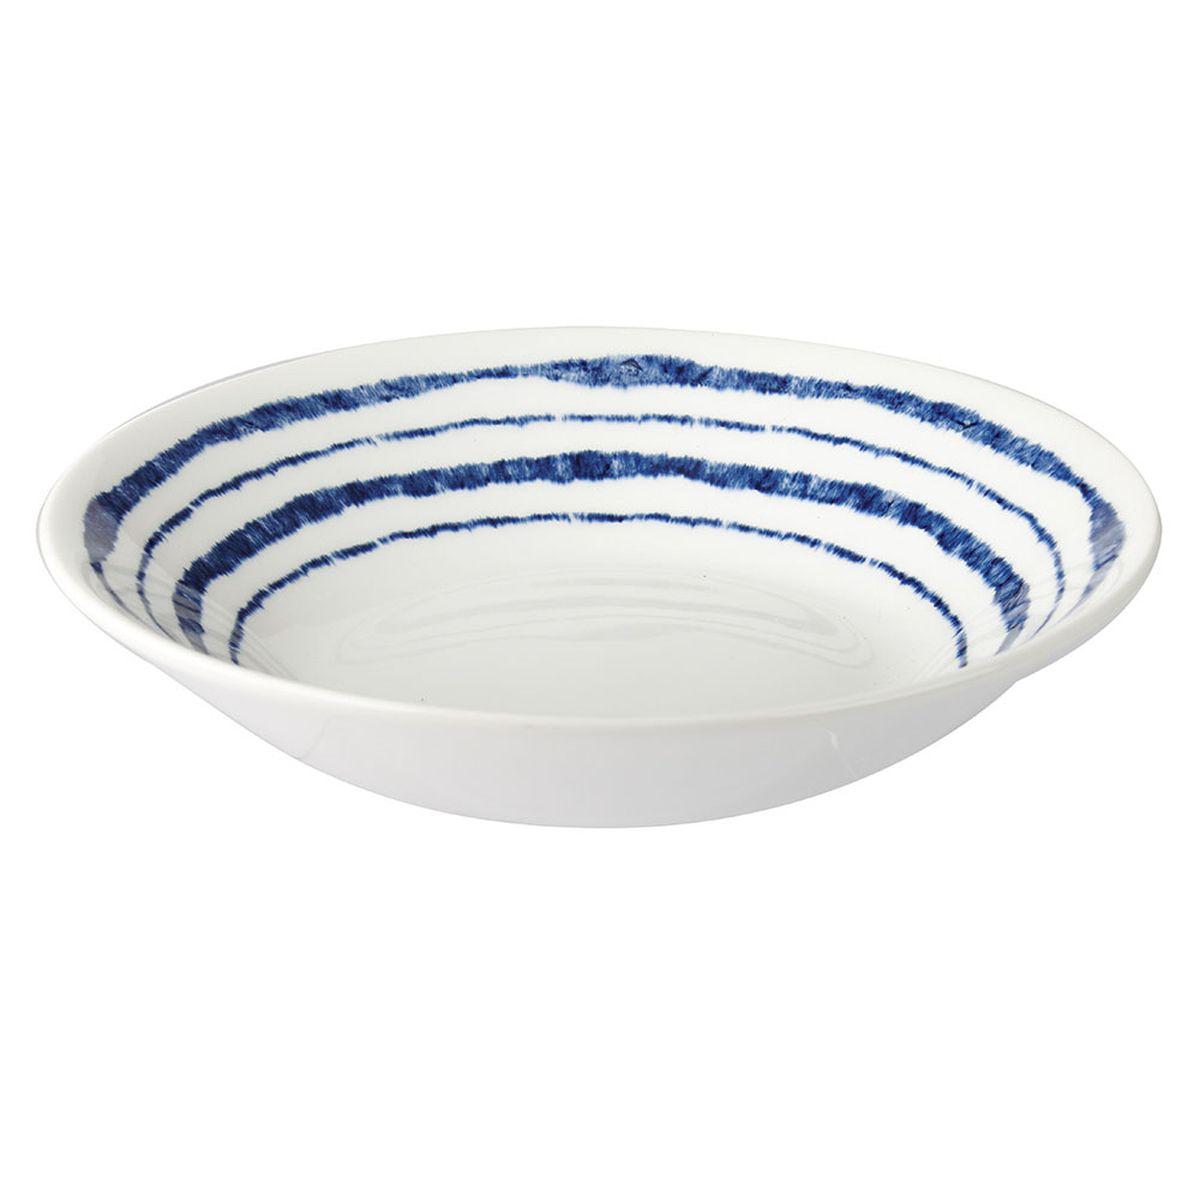 Тарелка суповая Churchill Инки, диаметр 15,5 см. INKI00111INKI00111Коллекция Сиена отражает Скандинавский стиль. Этот стиль отличается своей простотой и минимализмом, синий орнамент на белоснежном фоне. Материал: фаянс Можно мыть в посудомоечной машине Можно использовать в микроволновой печи